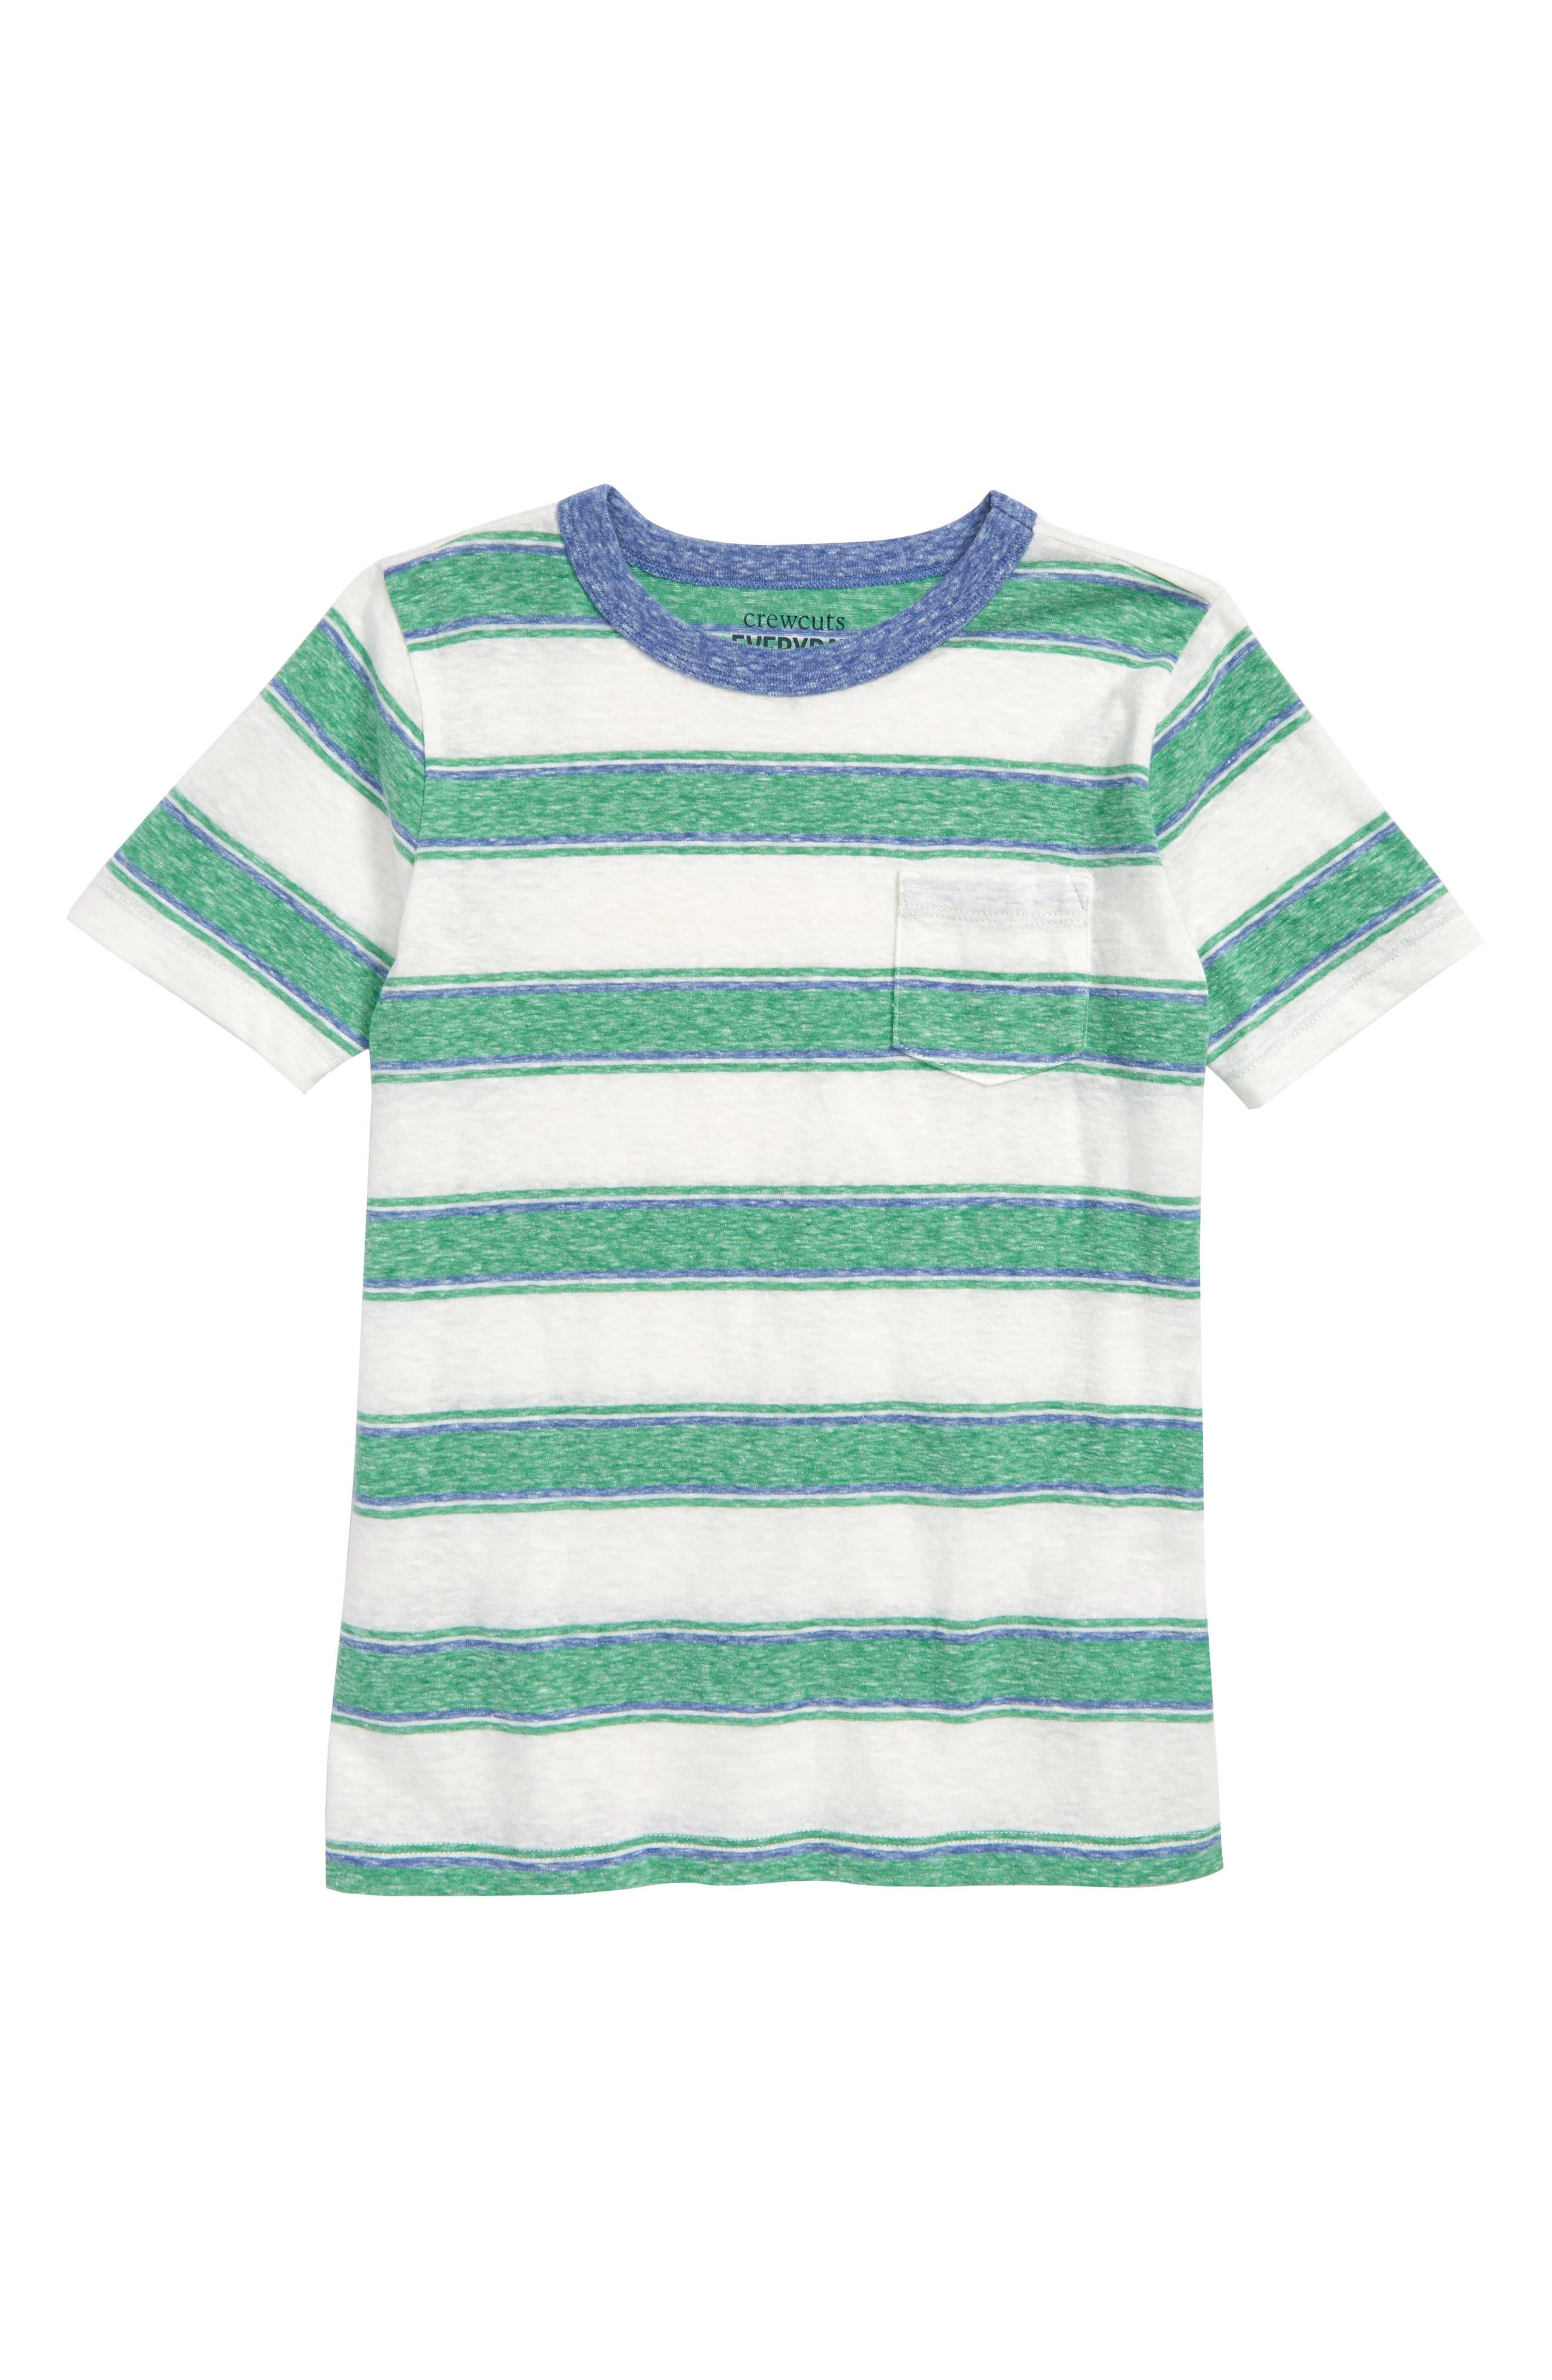 Abbot Surfside Stripe T-Shirt,                         Main,                         color, Clover Ivory Multi